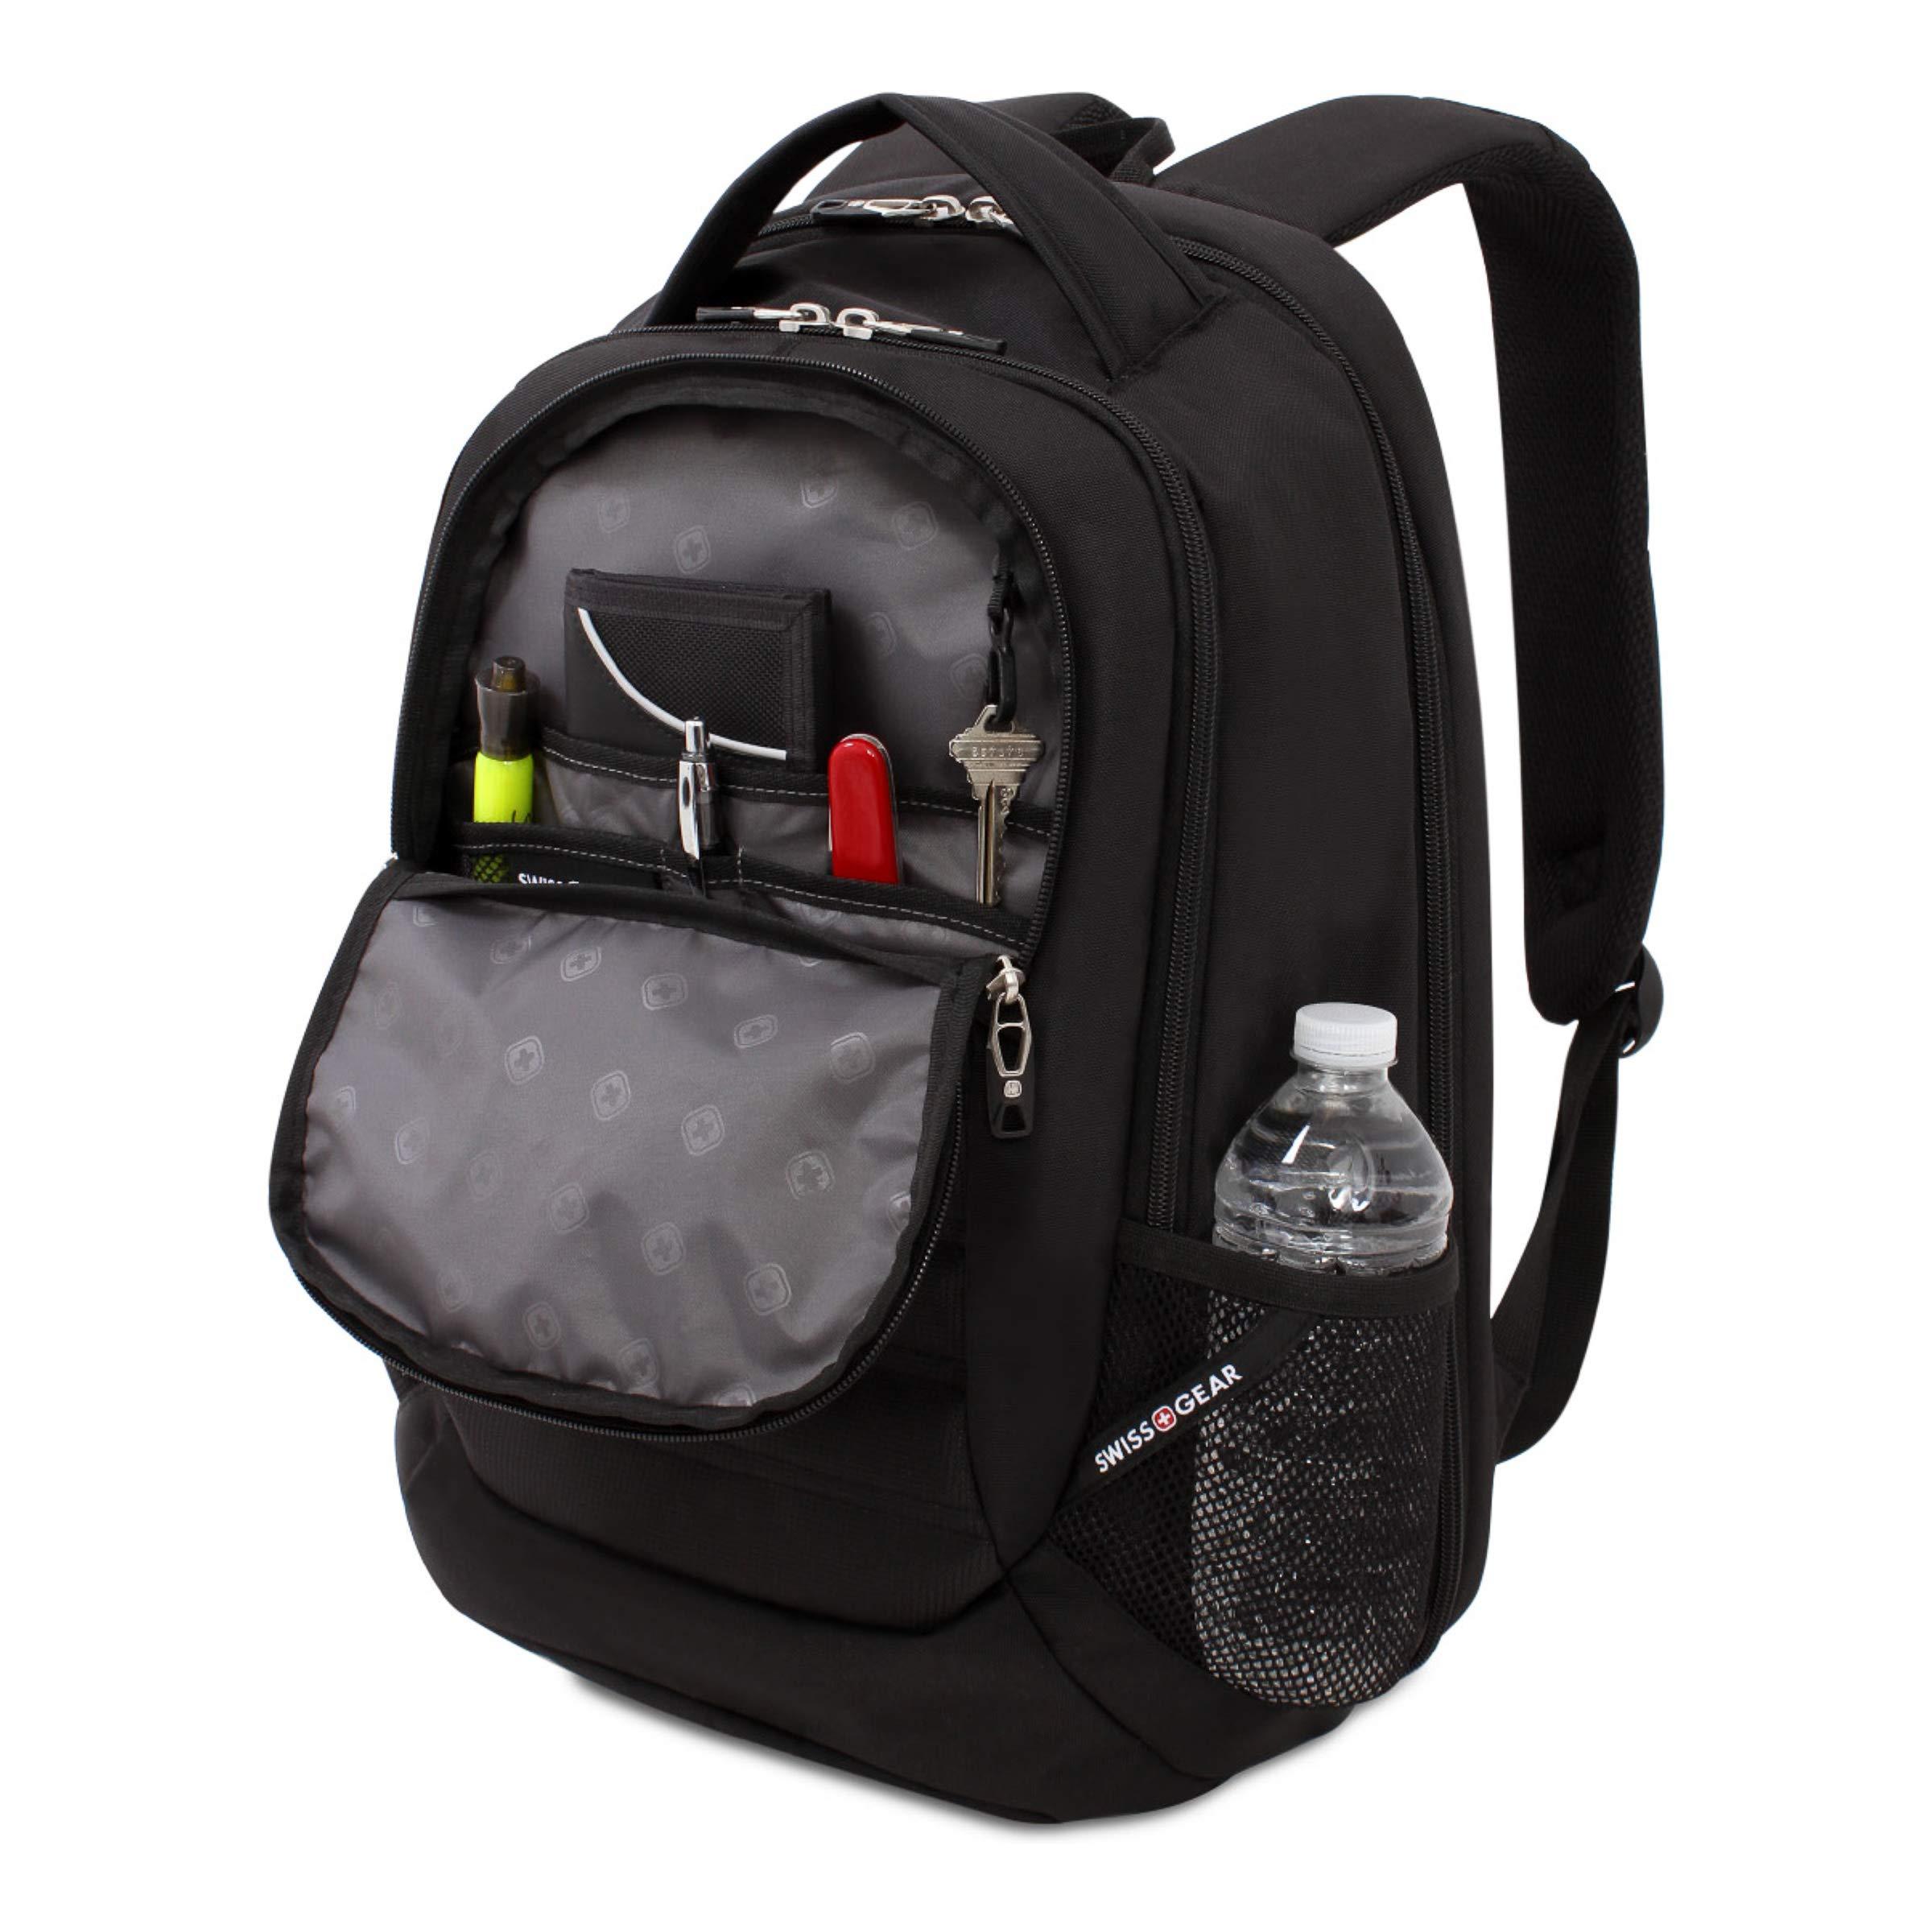 SWISSGEAR Large, Padded, ScanSmart 15-inch Laptop Backpack | TSA-Friendly Carry-on | Travel, Work, School | Men's and Women's - Black by Swiss Gear (Image #3)